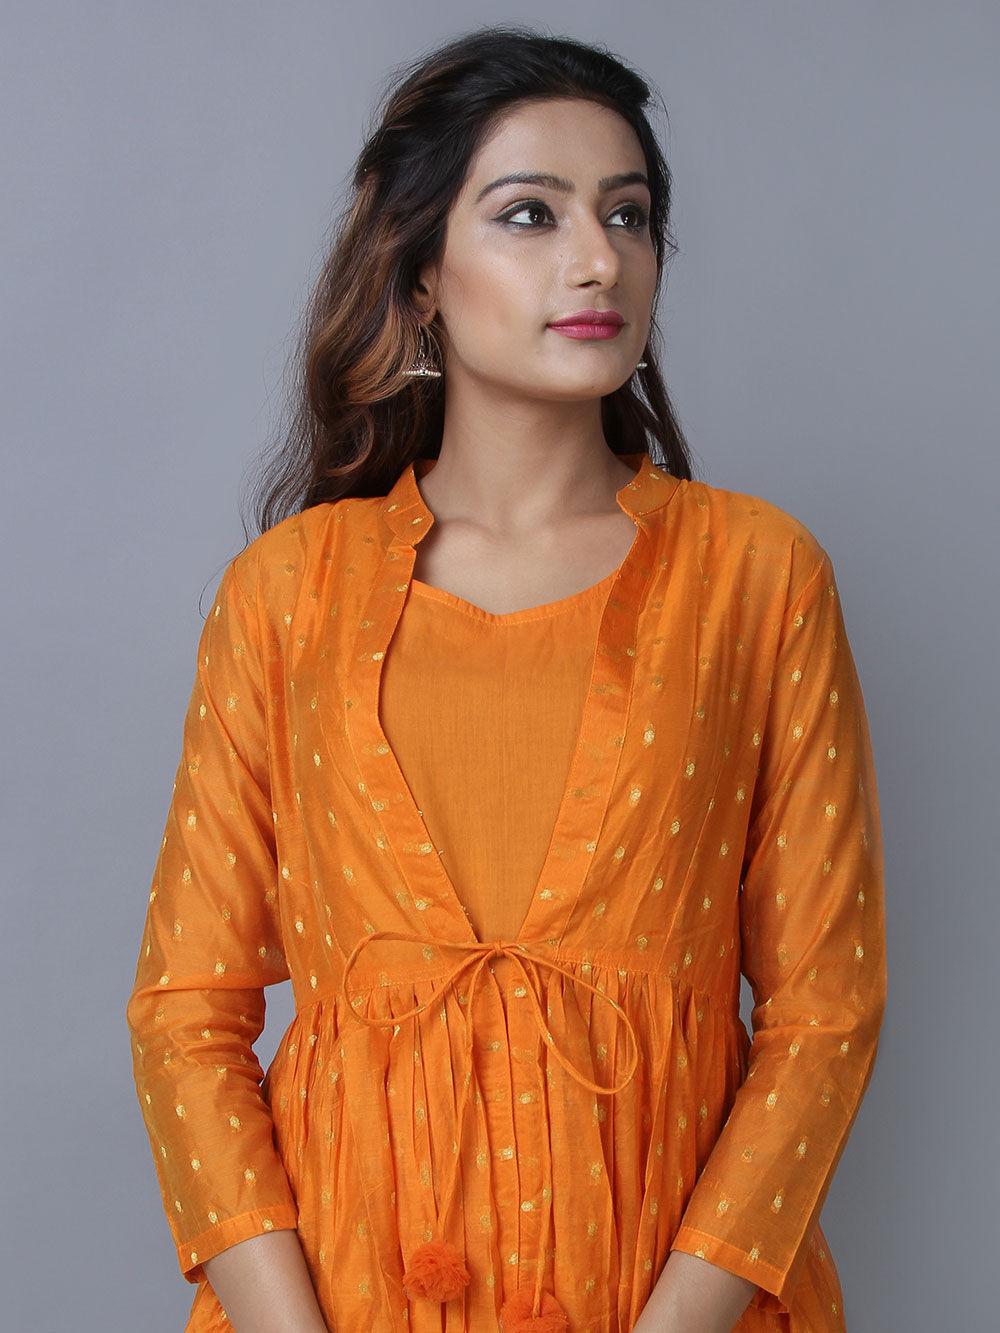 Image result for Orange IN GIRL